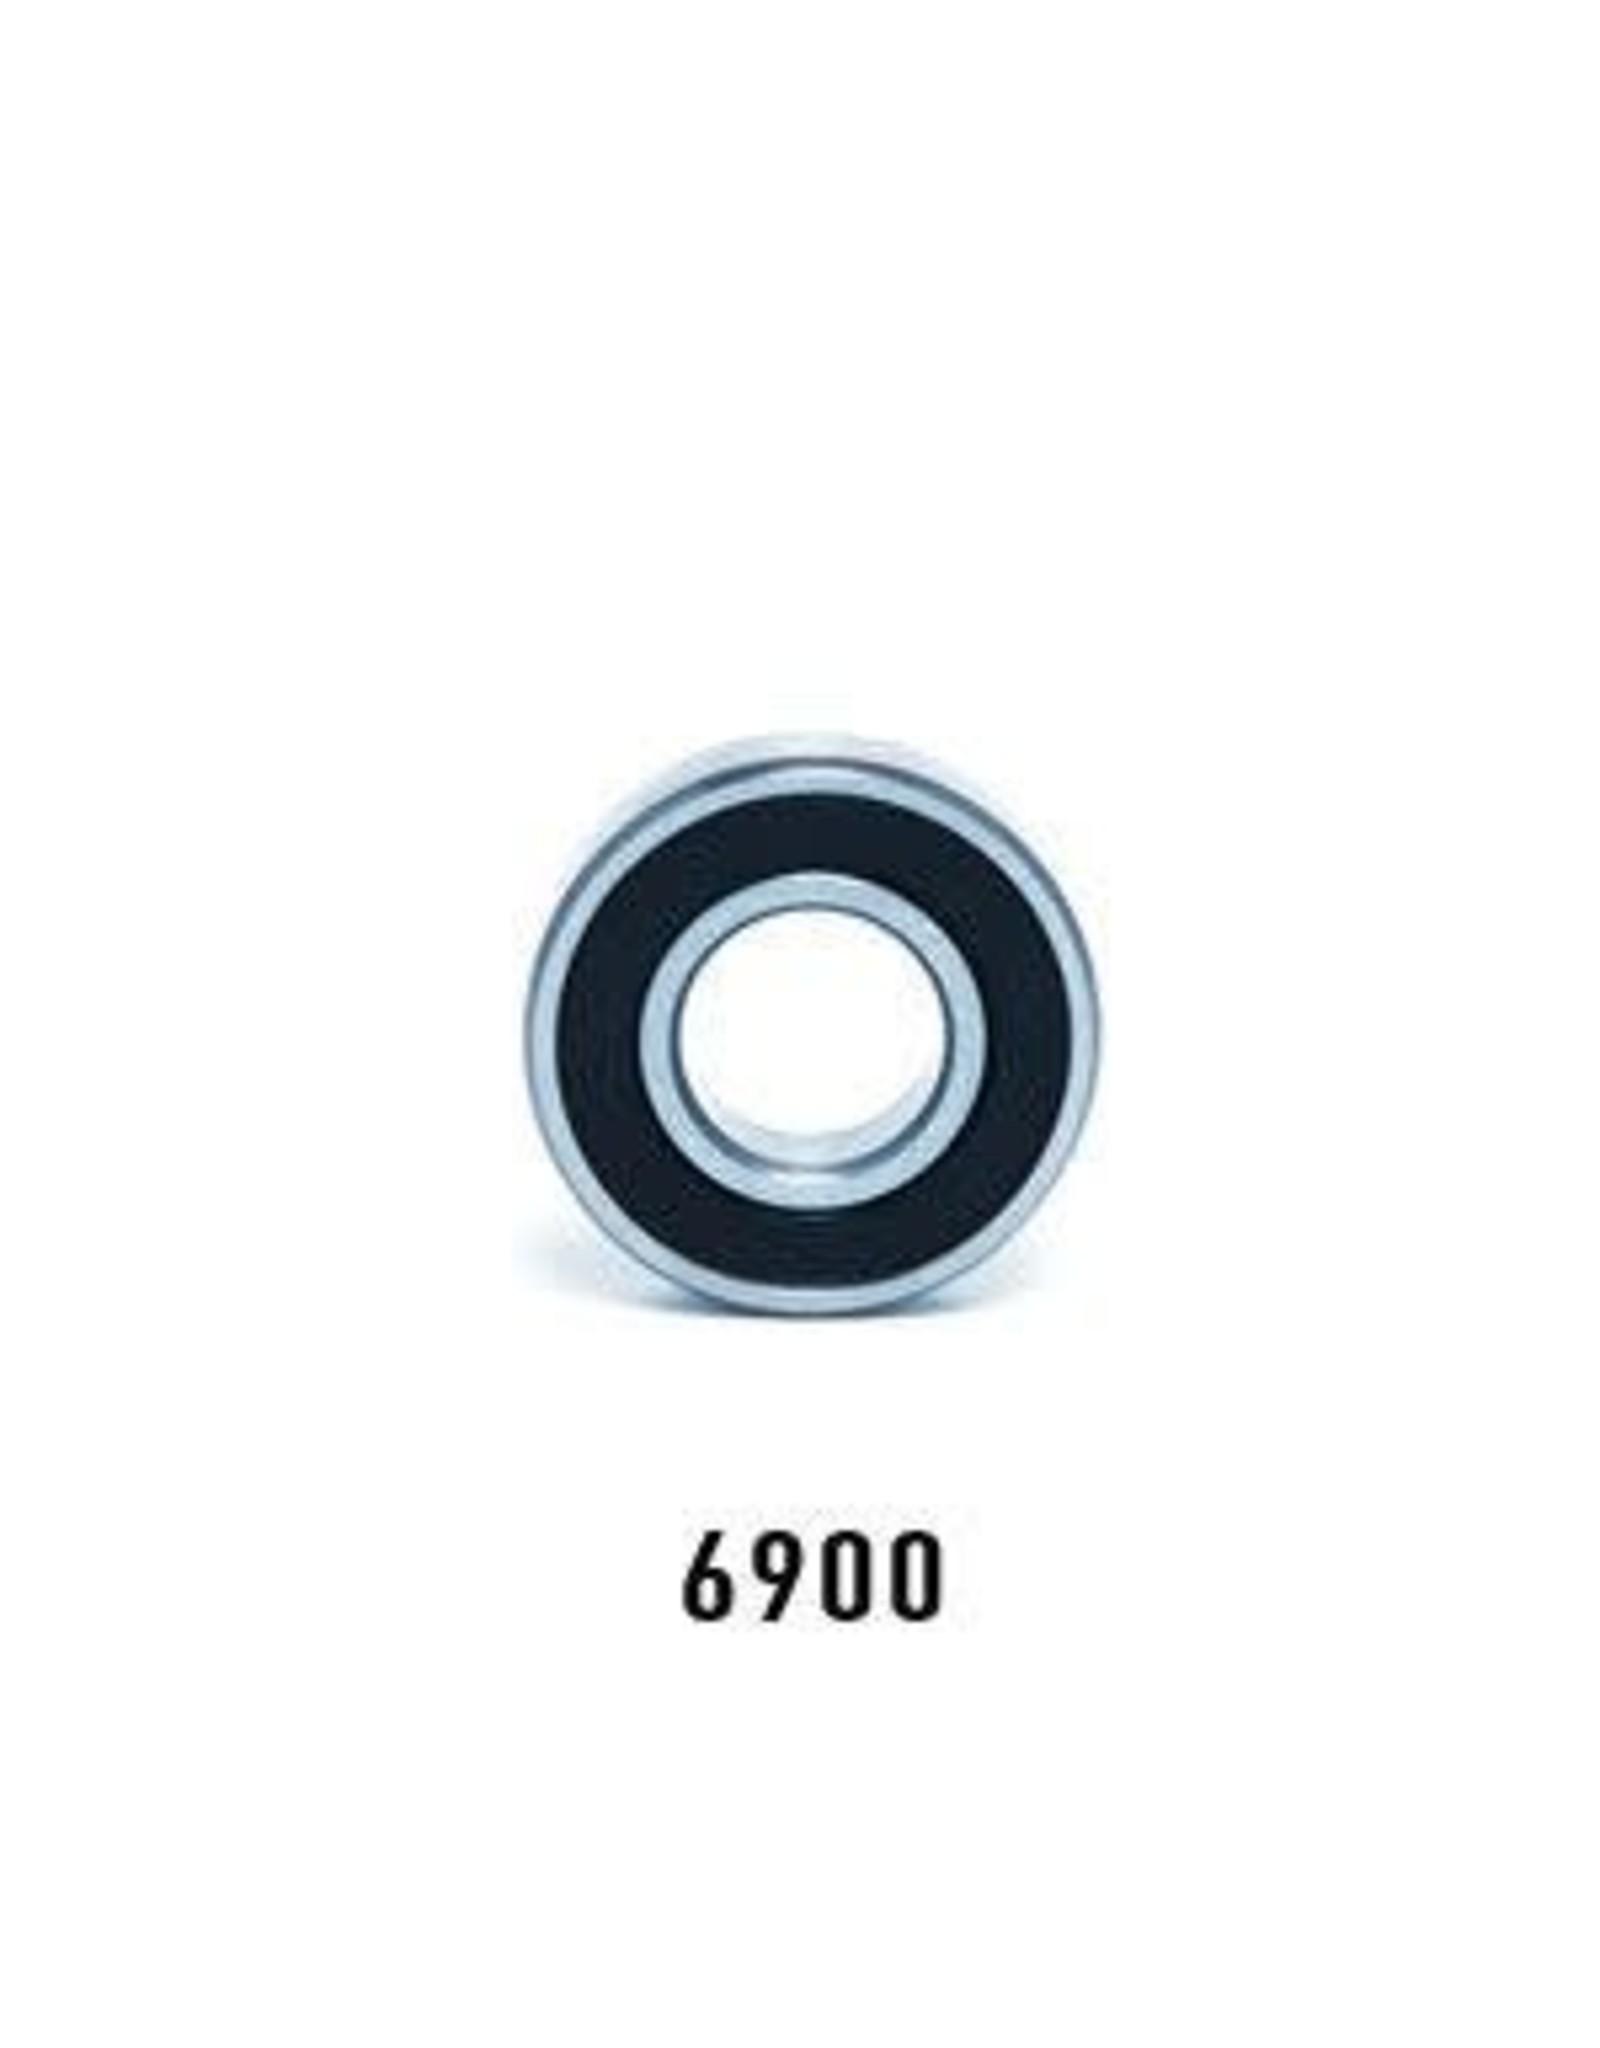 WHEELS MANUFACTURING Wheels Manufacturing Sealed Bearing 6900-2RS Pair